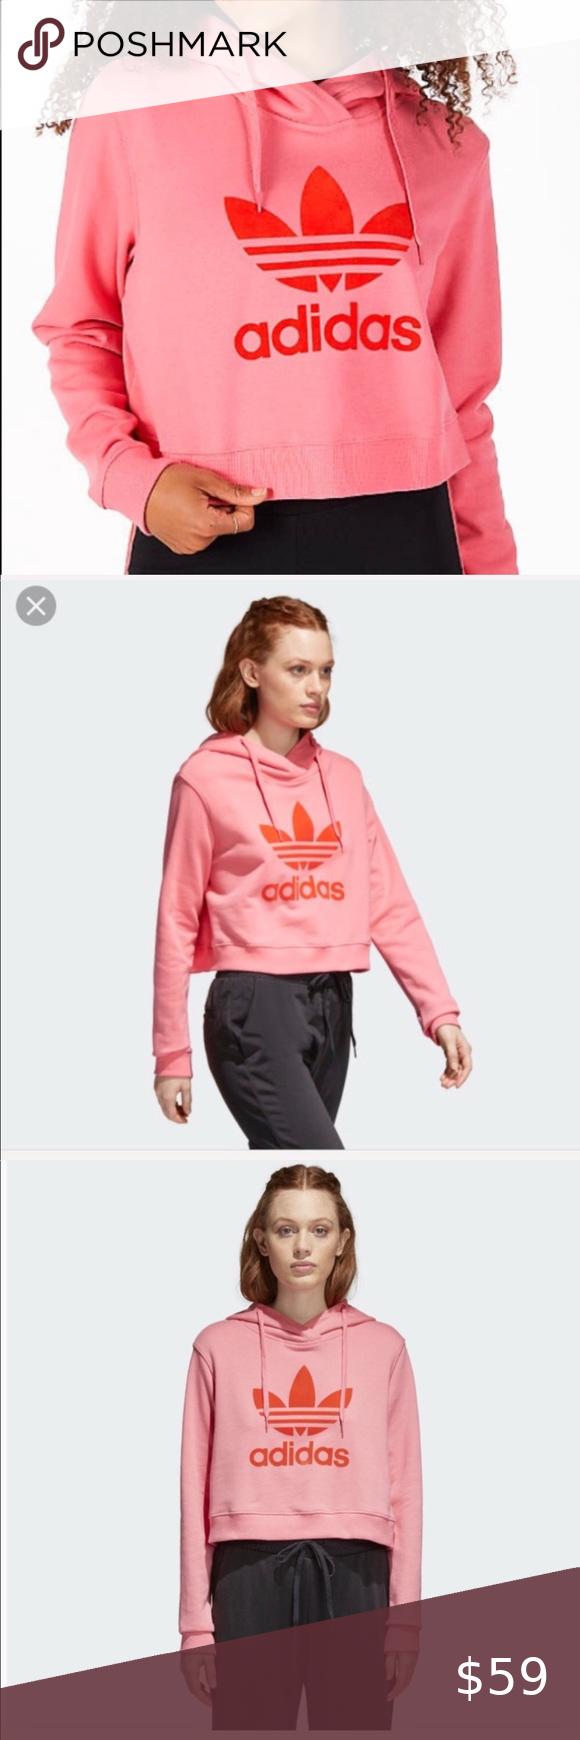 Nwt Adidas Originals Crop Pink Hoodie In 2021 Black Sweatshirt Hoodie Oversized Hoodie Sweatshirts Adidas Floral [ 1740 x 580 Pixel ]